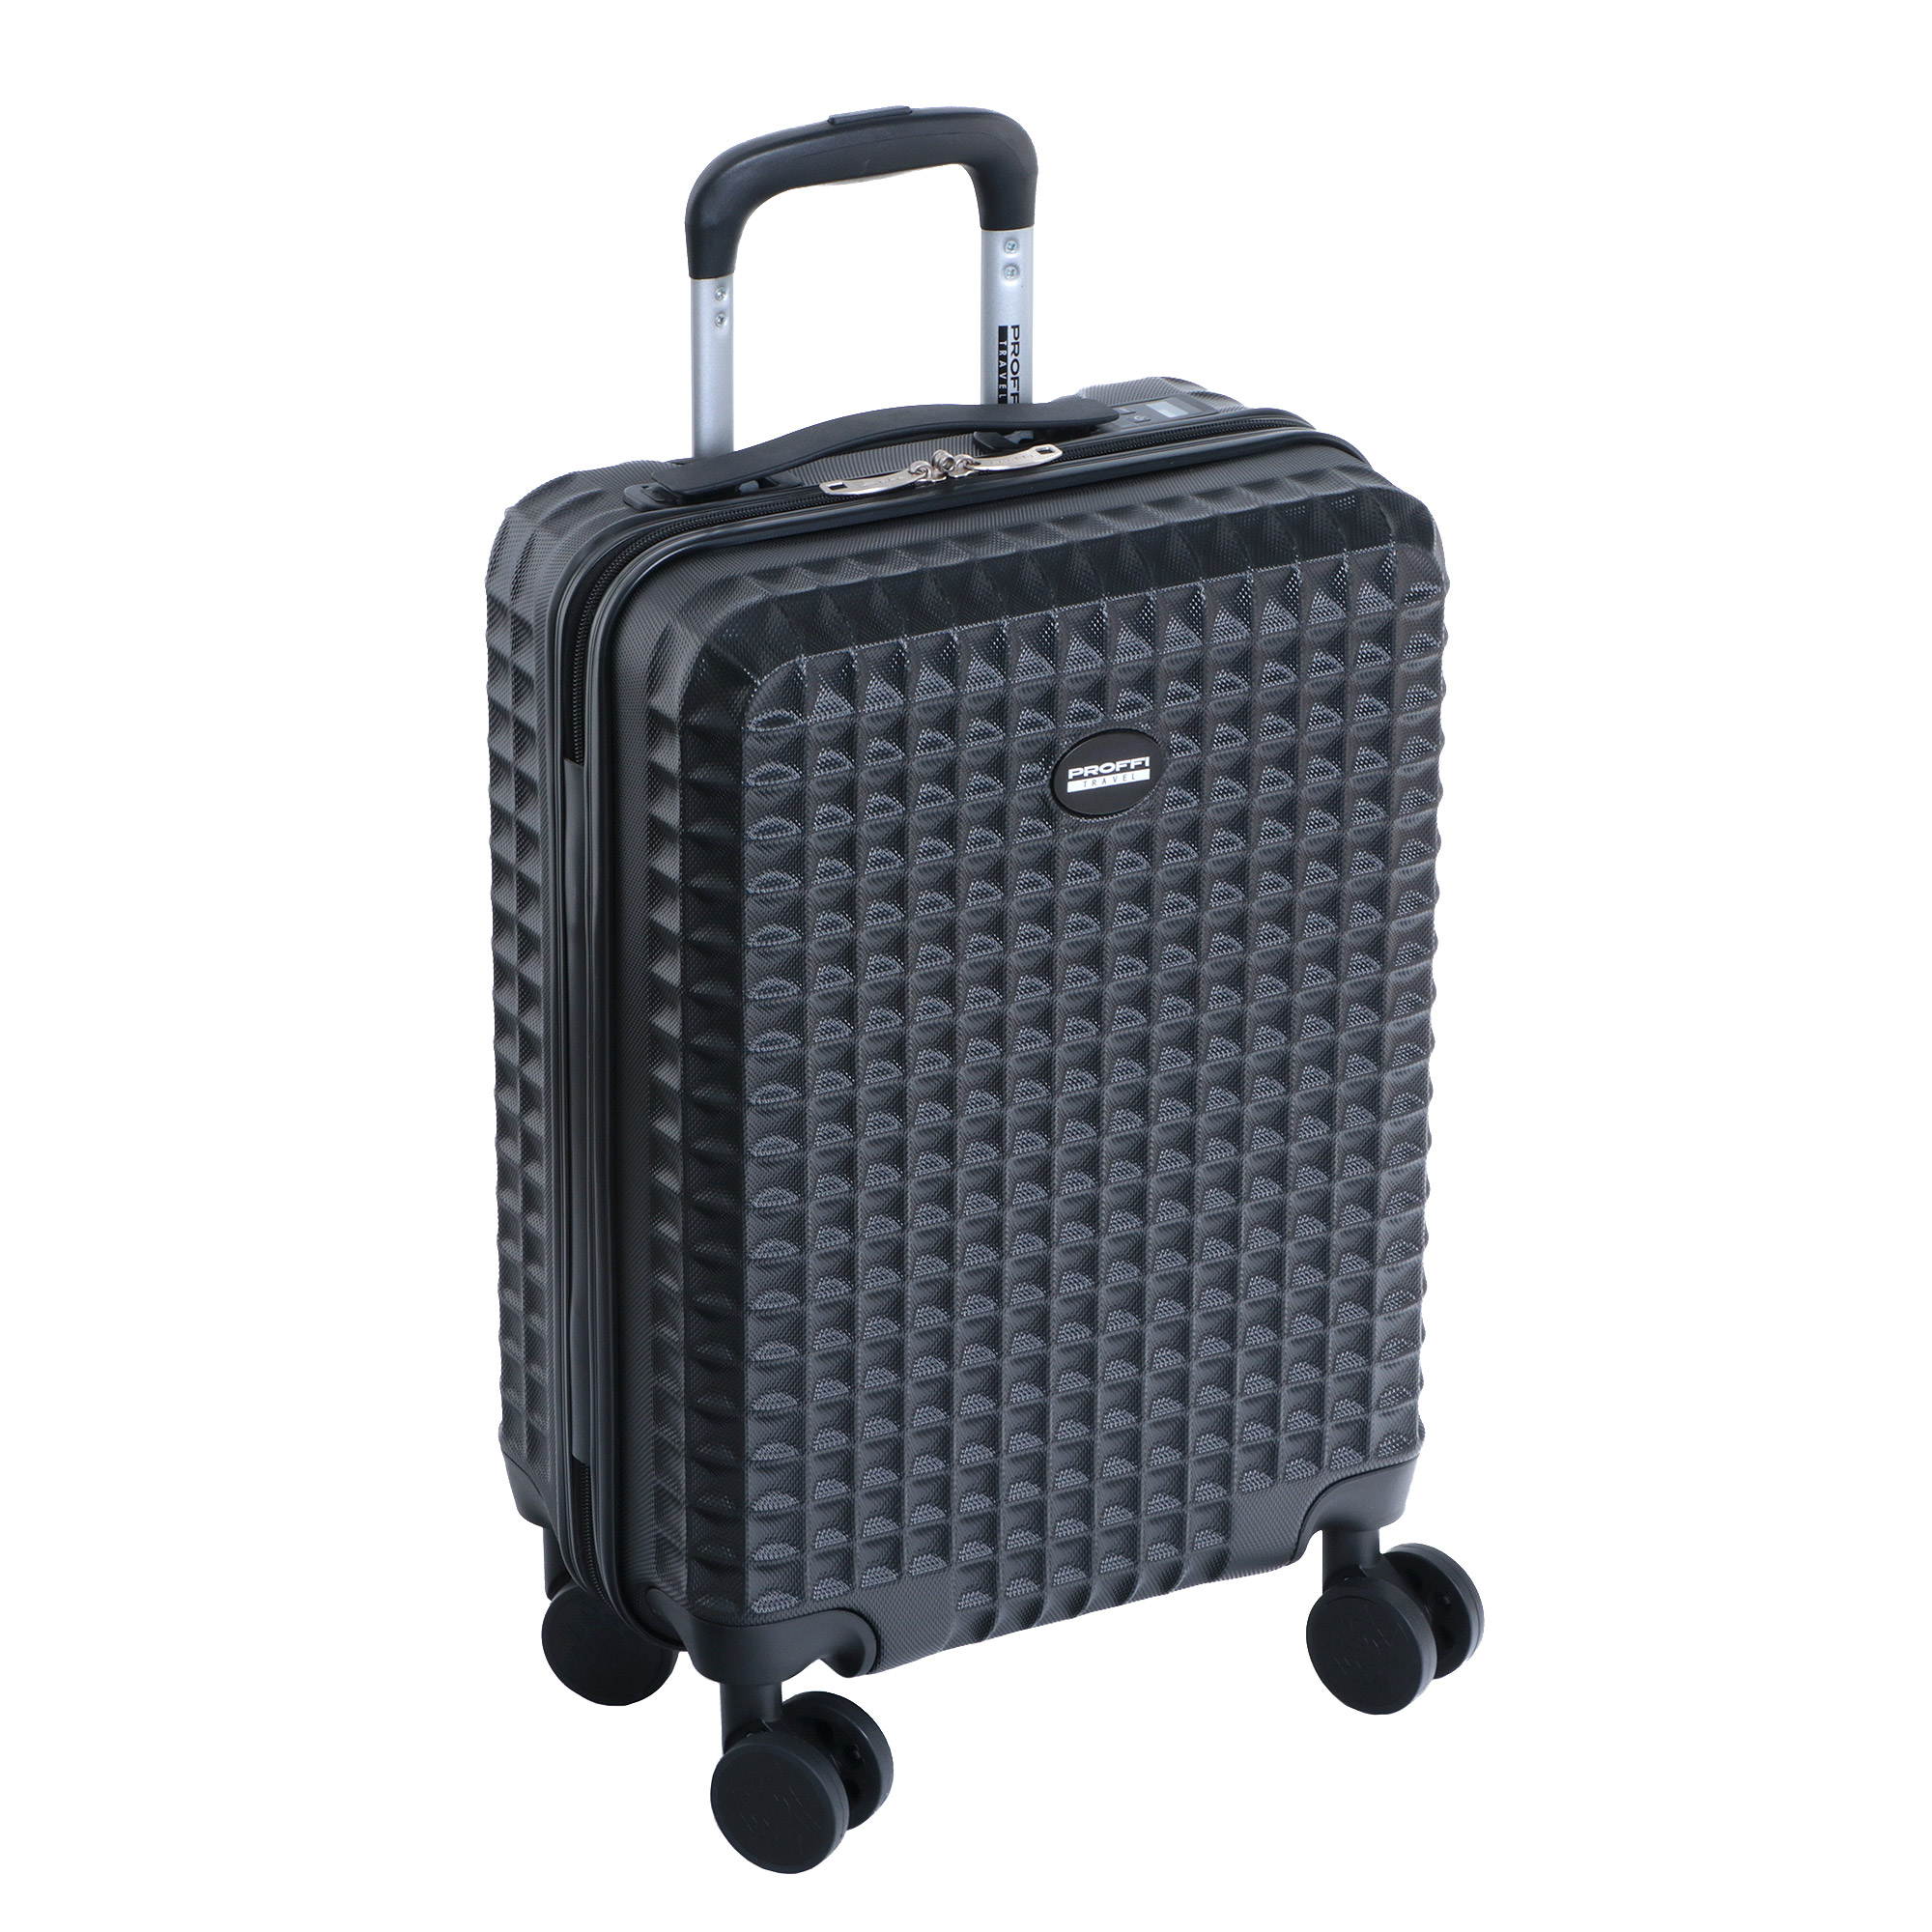 Фото - Чемодан proffi travel tour quattro smart 20 пластиковый малый 56х36х21 черный c весами+usb в ручке чемодан proffi kingsize xl 110 л черный